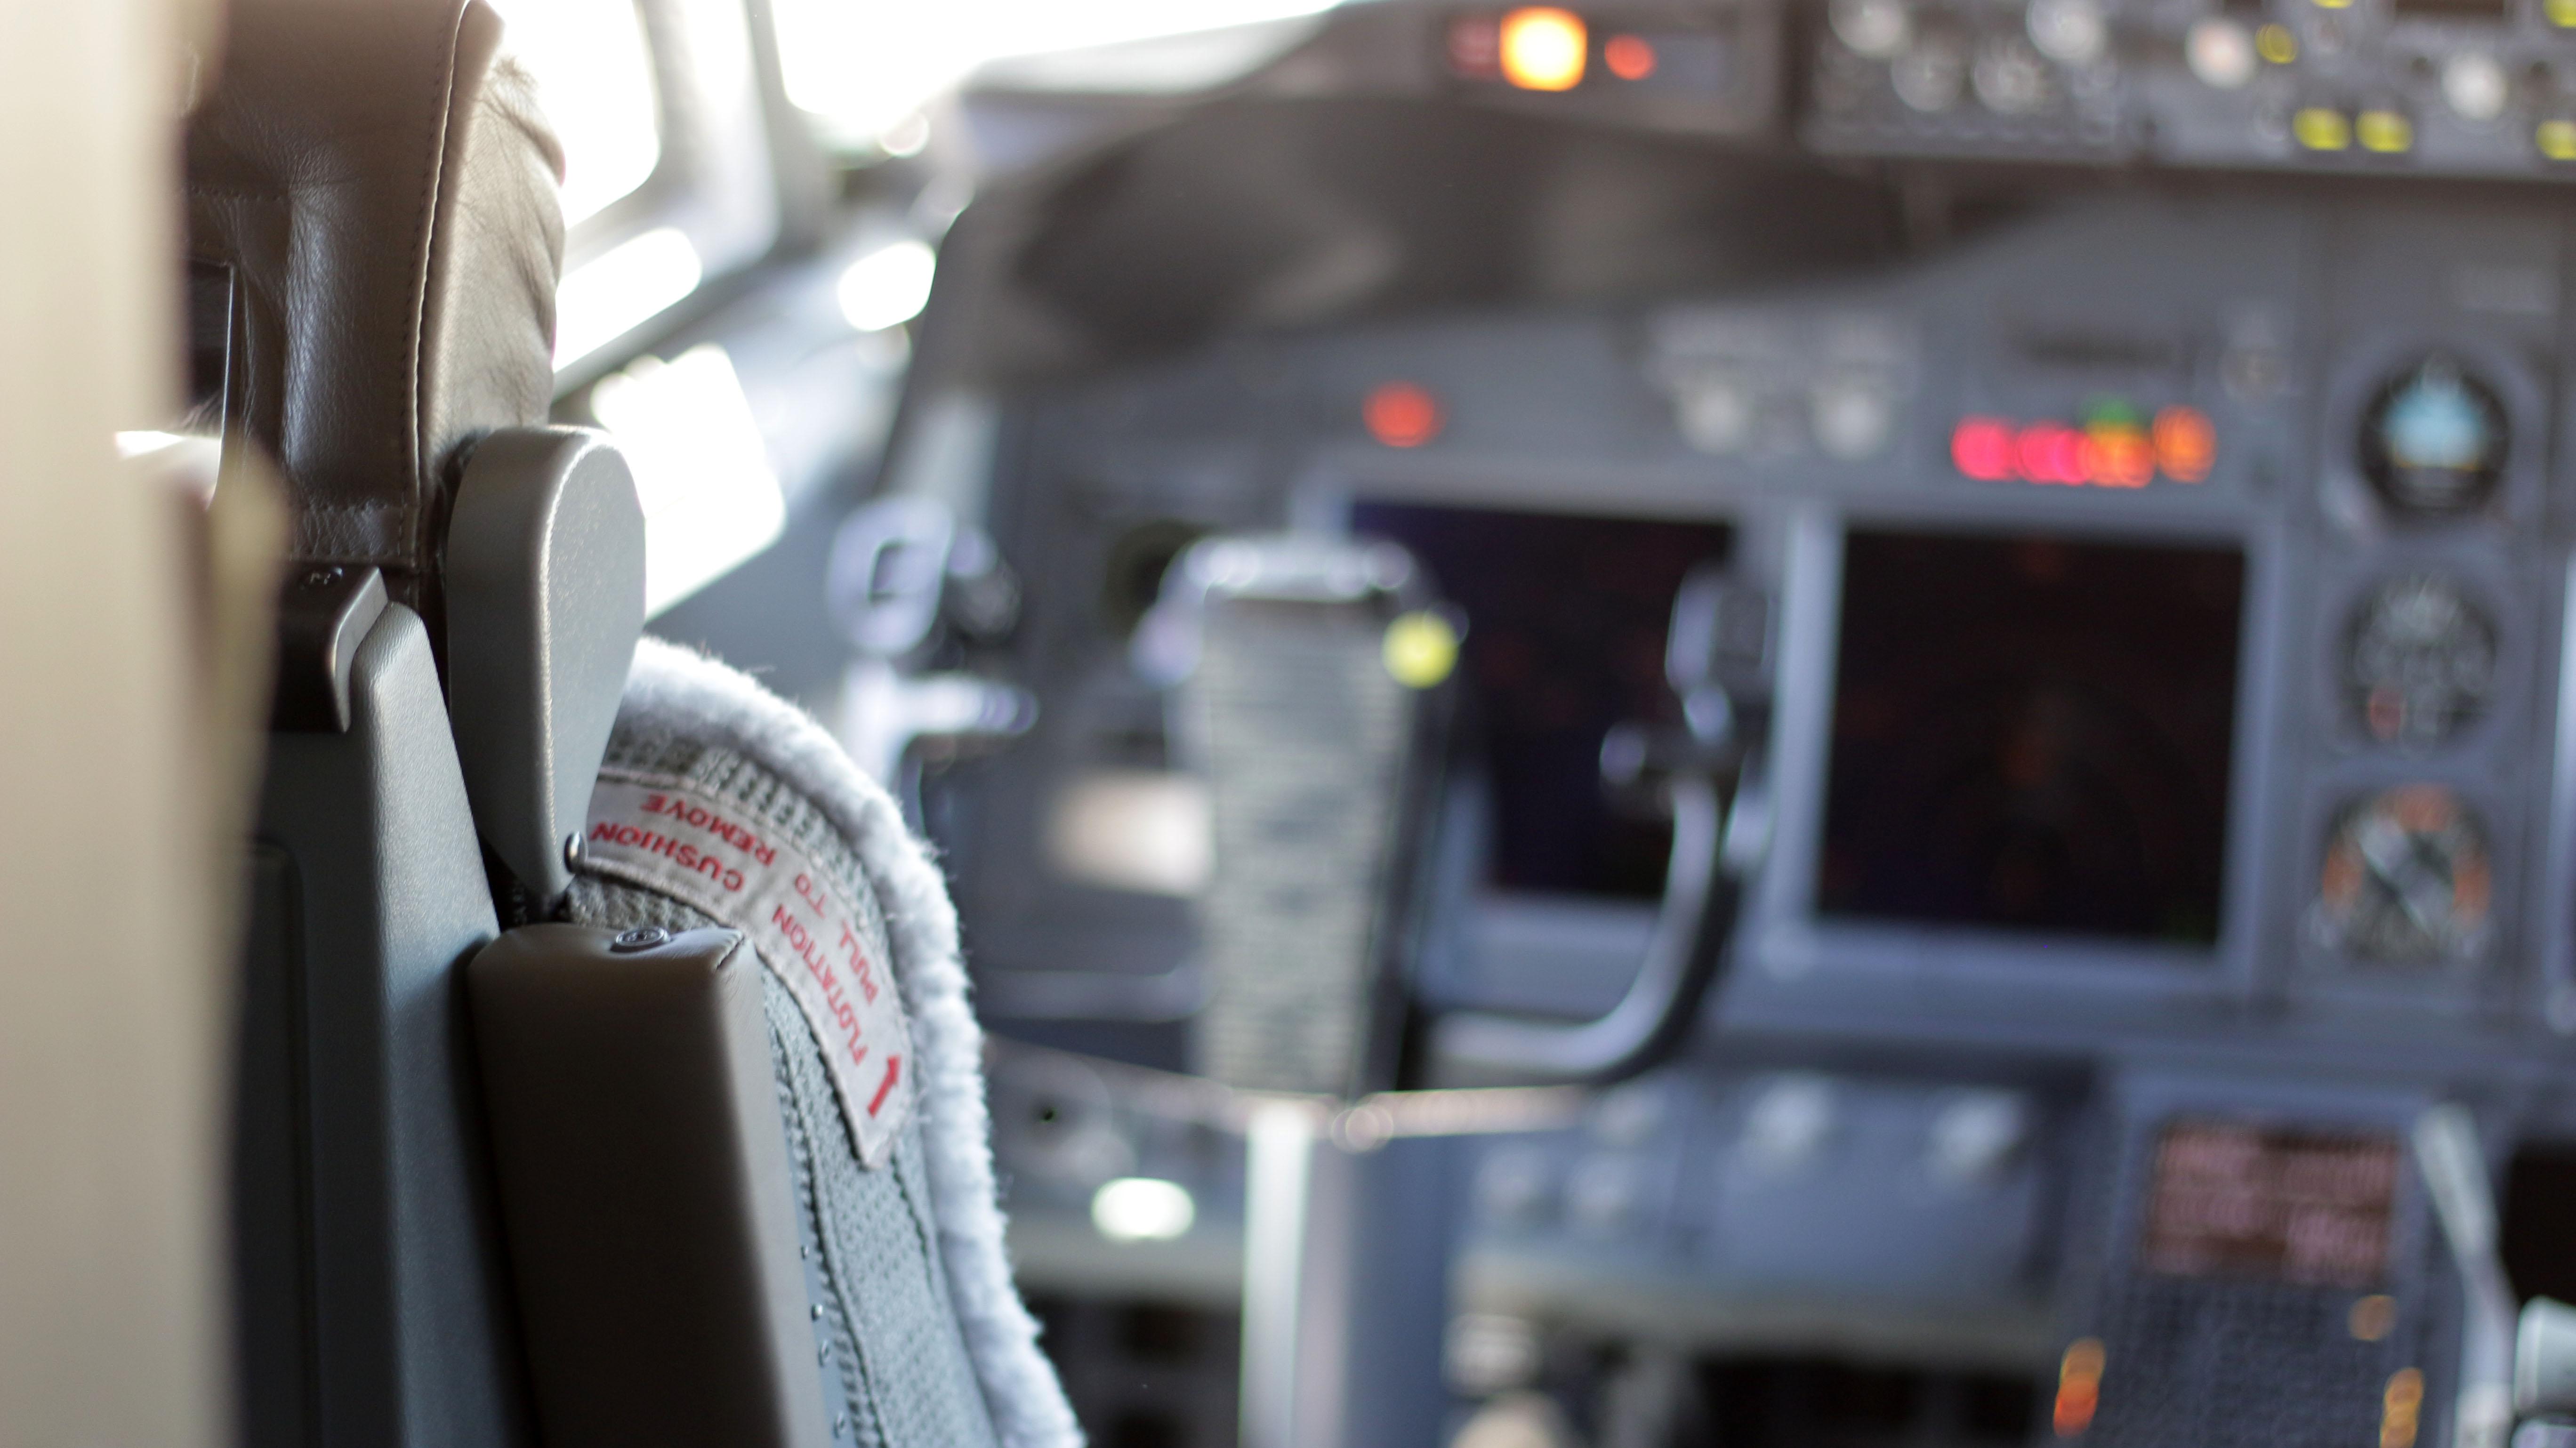 La empresa prevé comenzar a vender los tickets aéreos a través de la web en diciembre, con pago en cuotas y descuentos especiales por ser los primeros vuelos